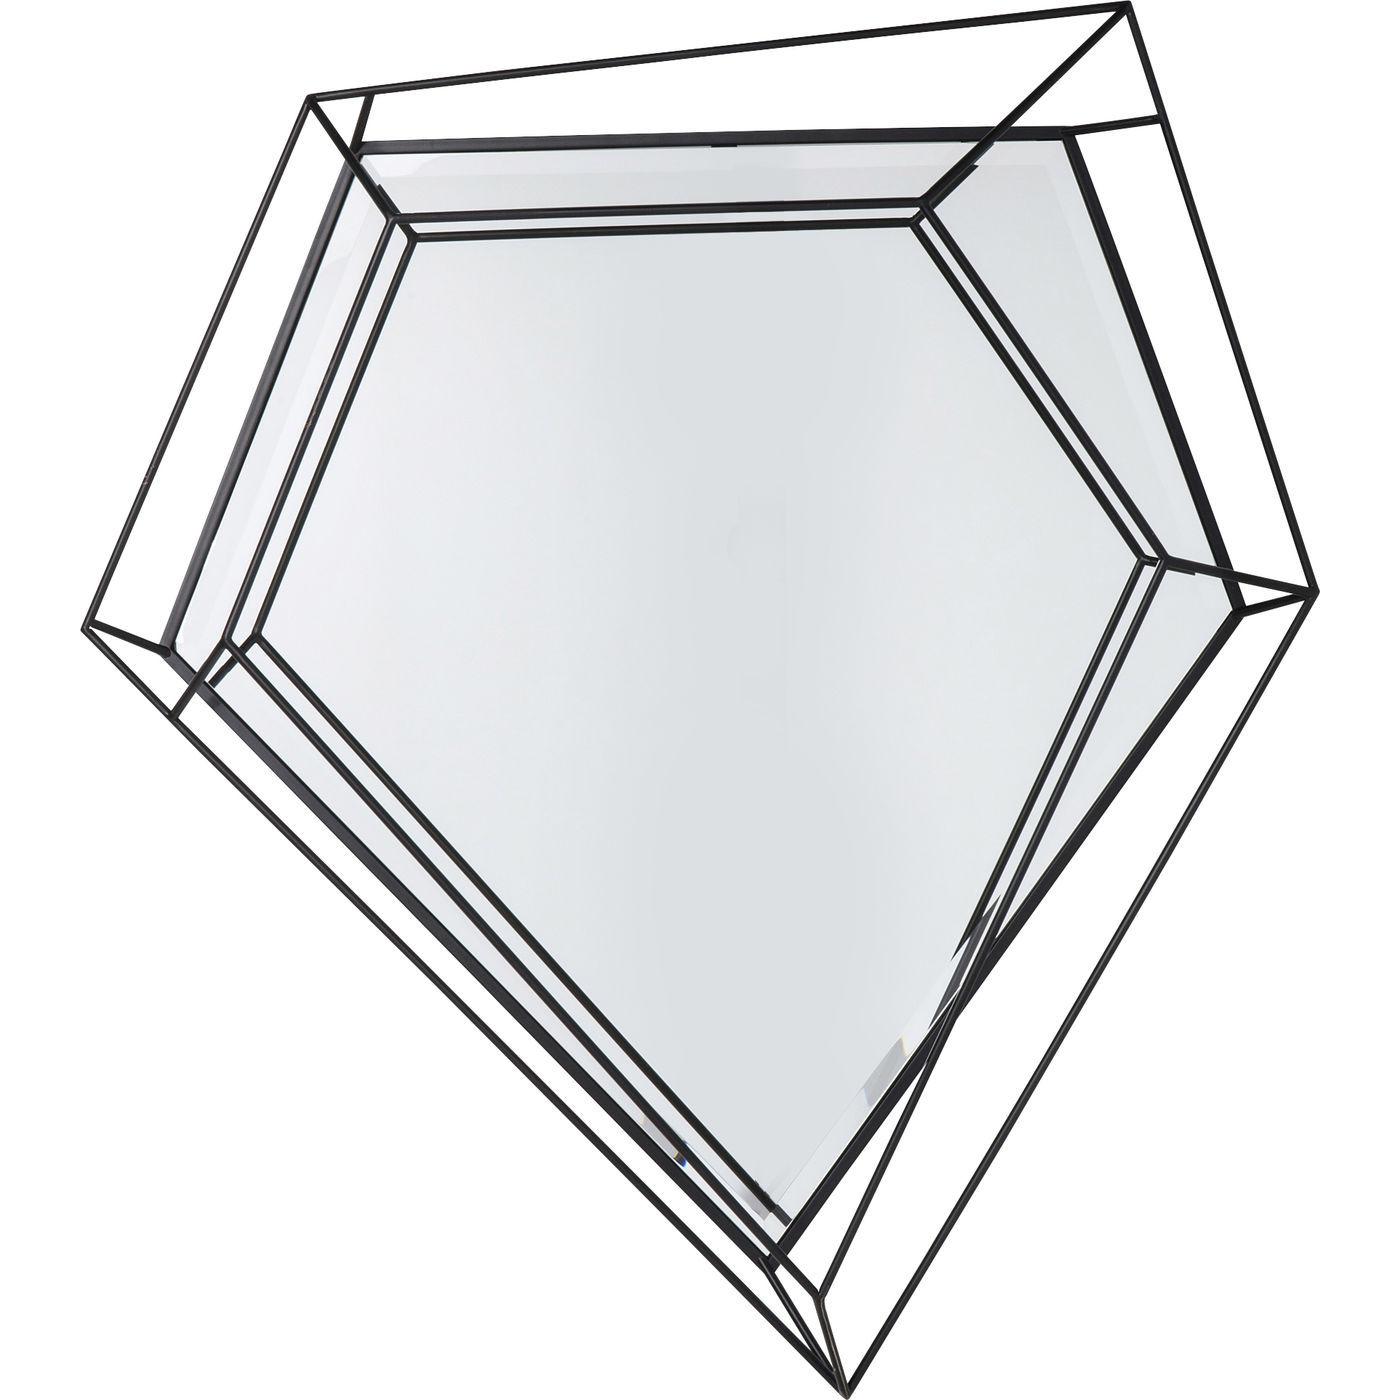 kare design – Kare design wire diamond schwarz vægspejl - spejlglas/sort stål (104x92) fra boboonline.dk